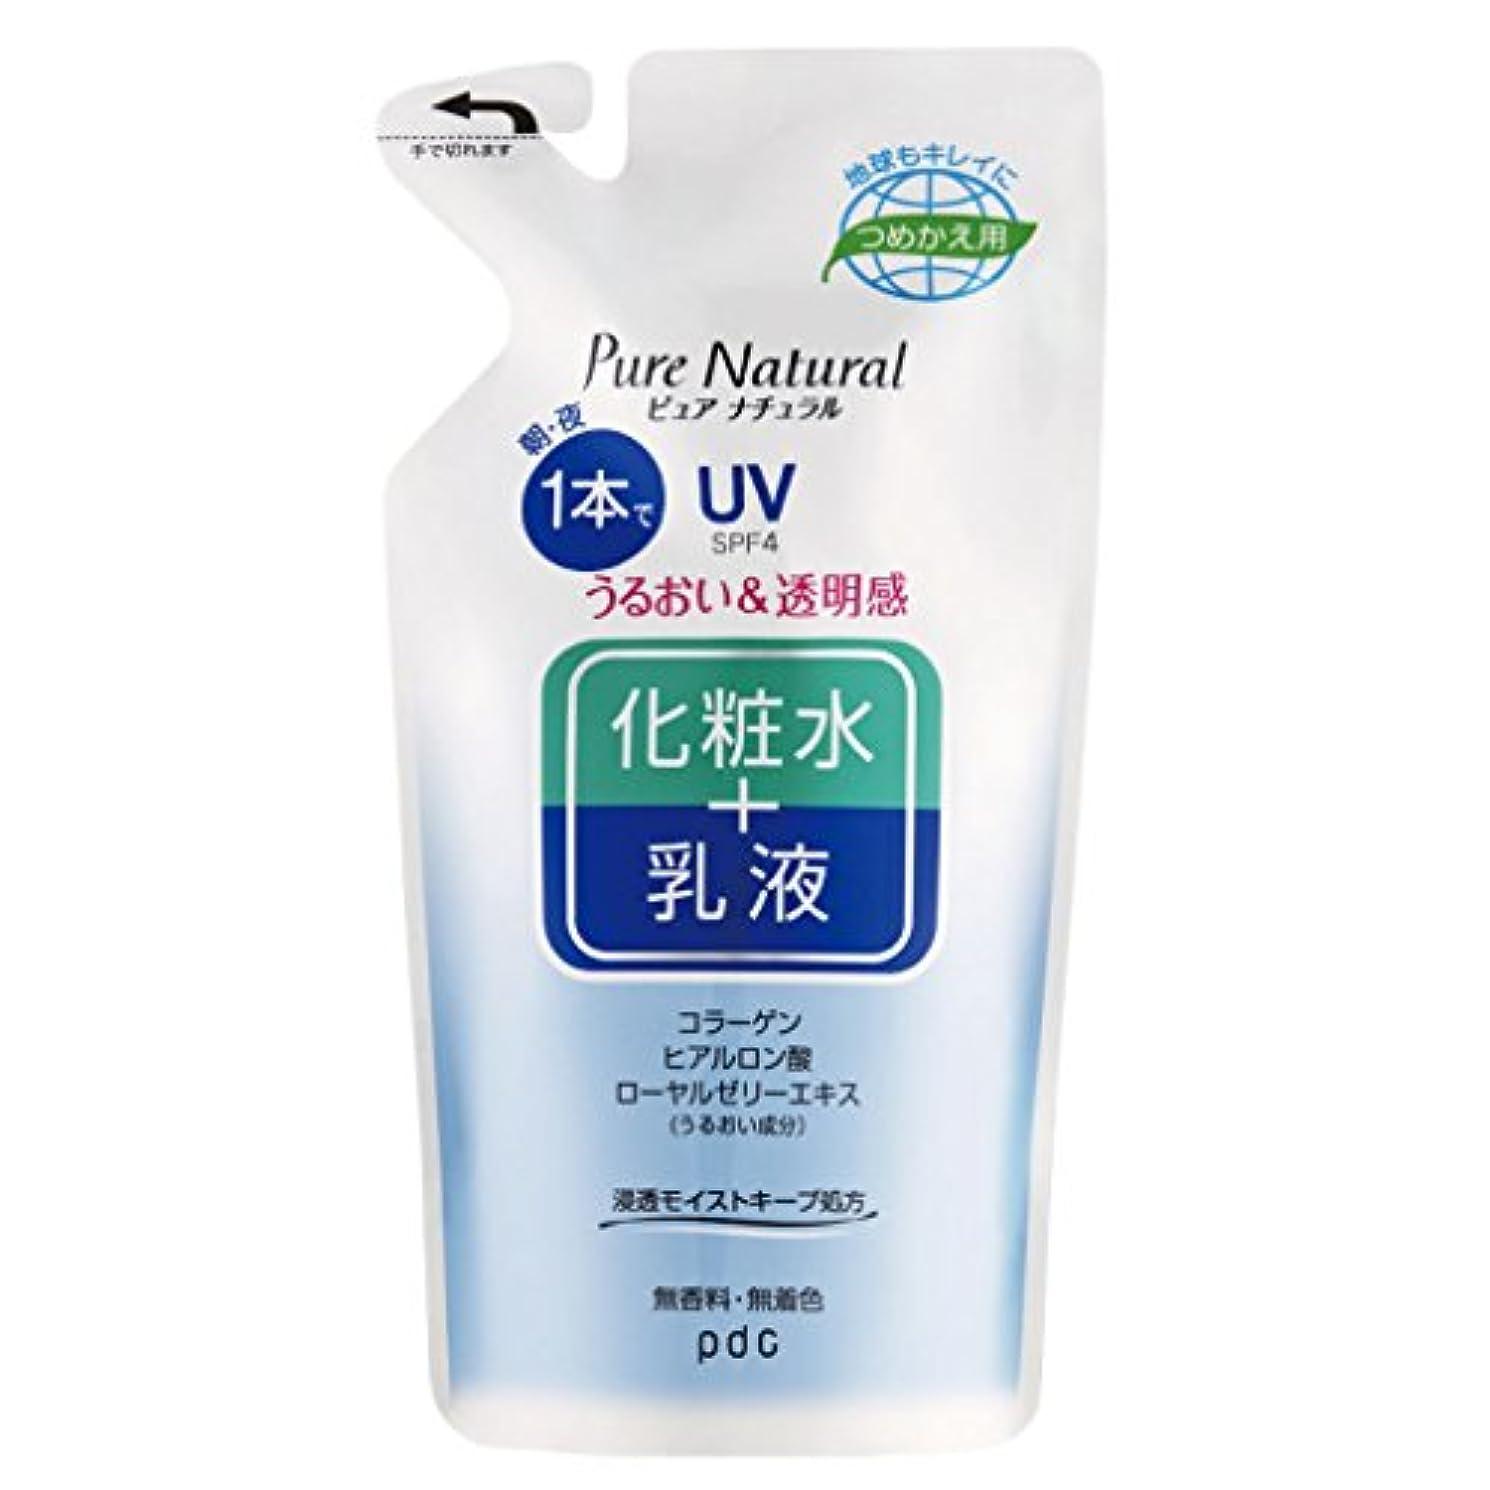 外部密着るPure NATURAL(ピュアナチュラル) エッセンスローション UV (つめかえ用) 200mL